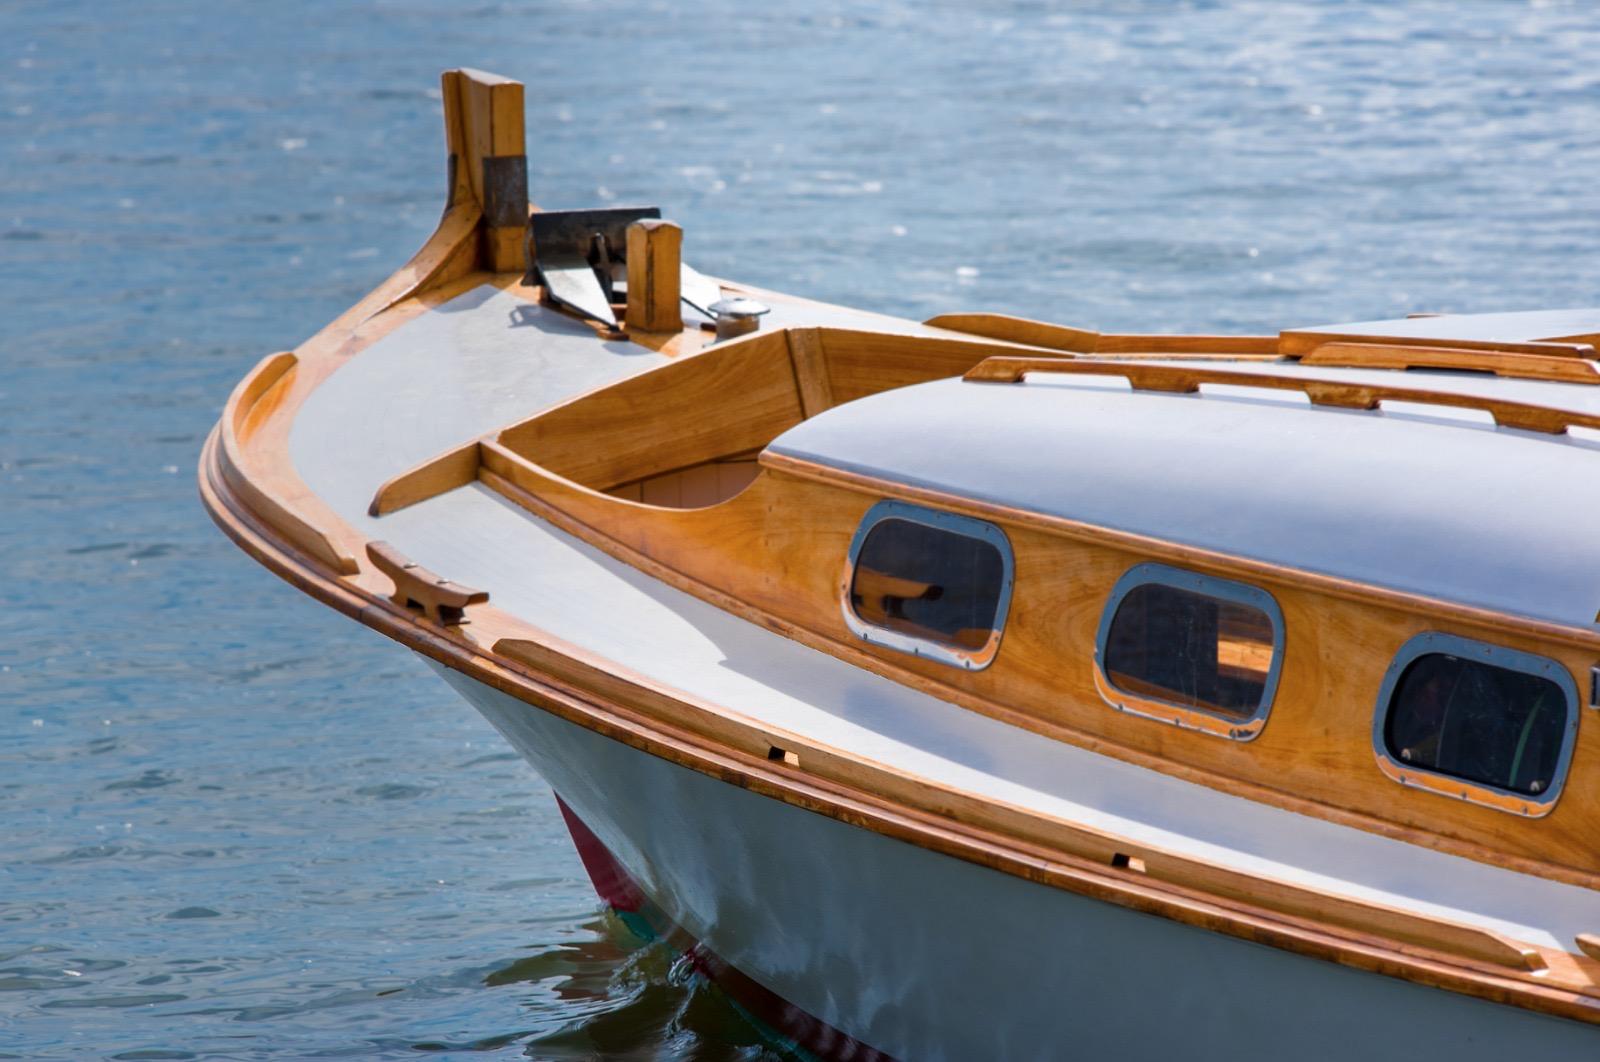 S'offrir le luxe d'une sortie en bateau avec un marin privé